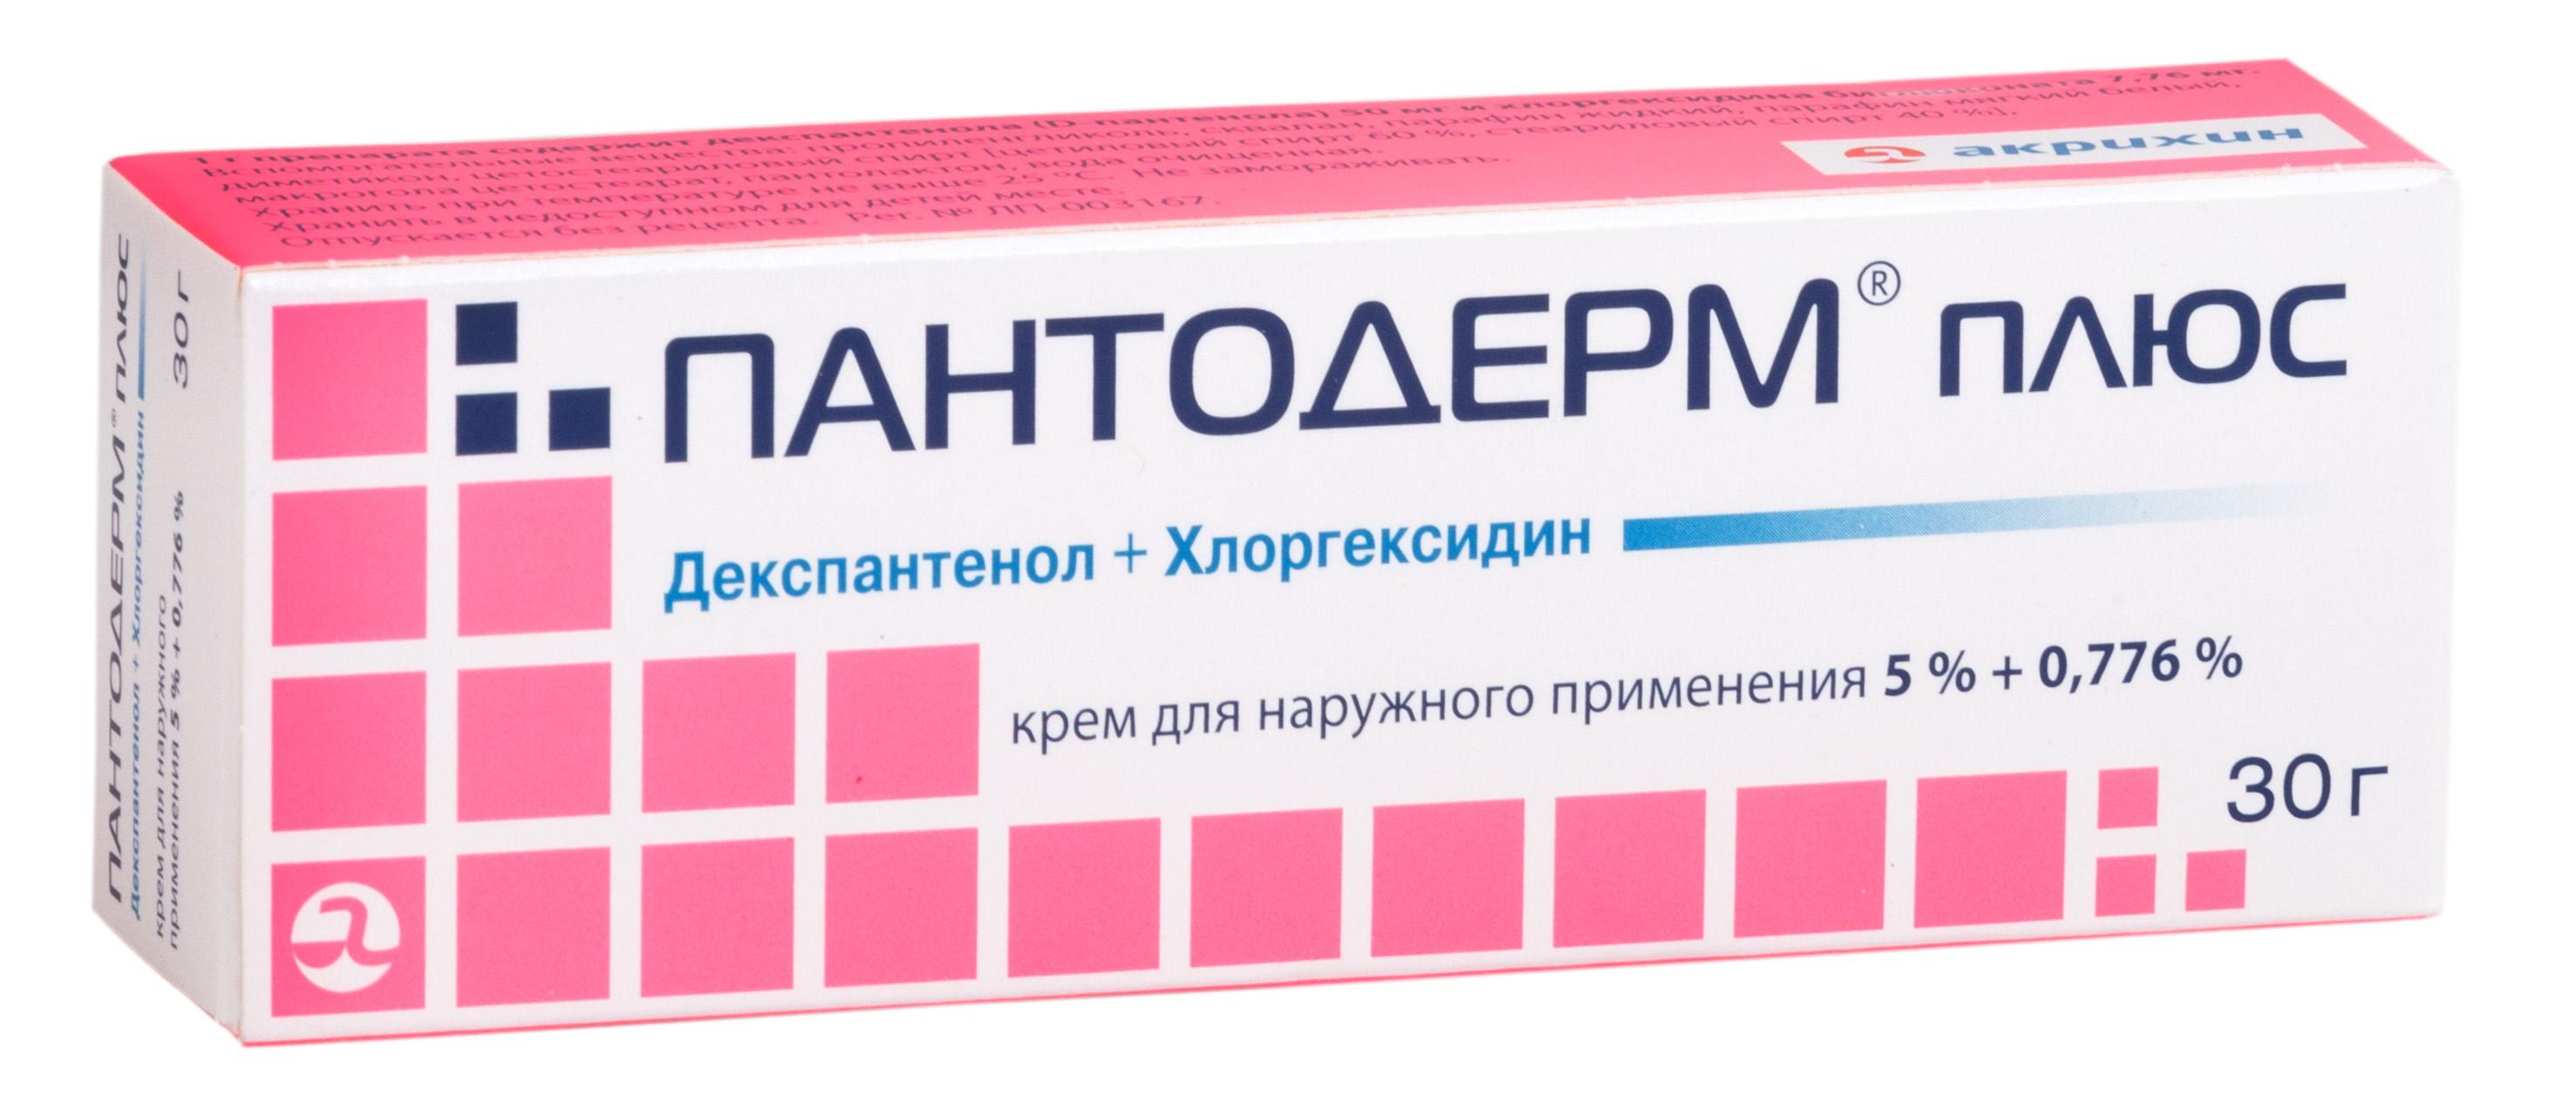 Пантодерм плюс крем д/нар. прим. 5%+0,776% туба 30г №1